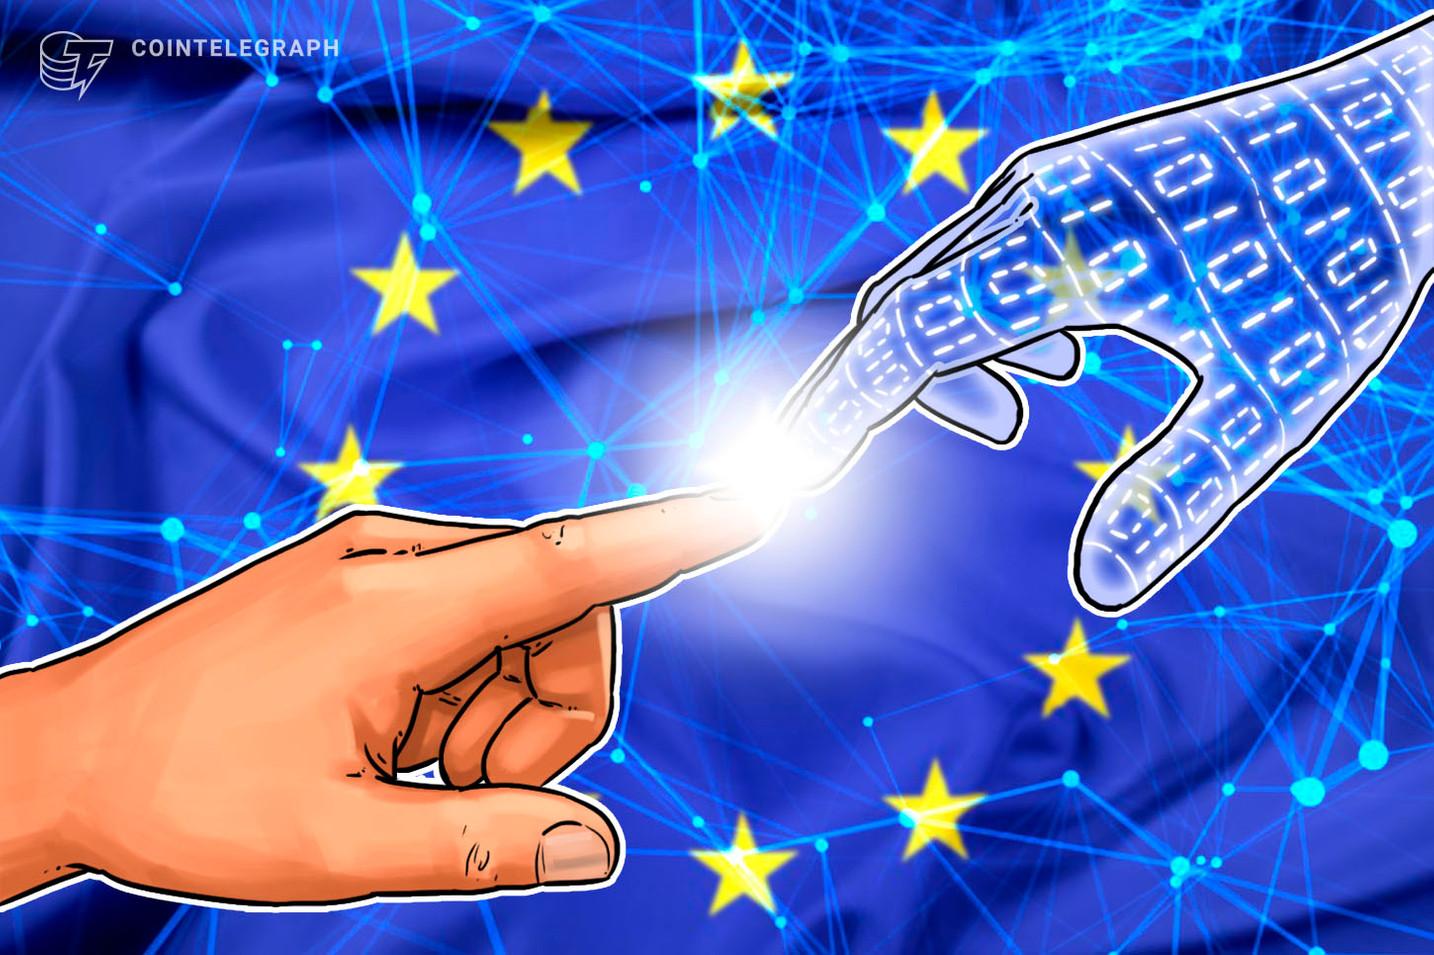 EU傘下の欧州投資基金、AIとブロックチェーン開発に4億ユーロの投資イニシアティブ【ニュース】